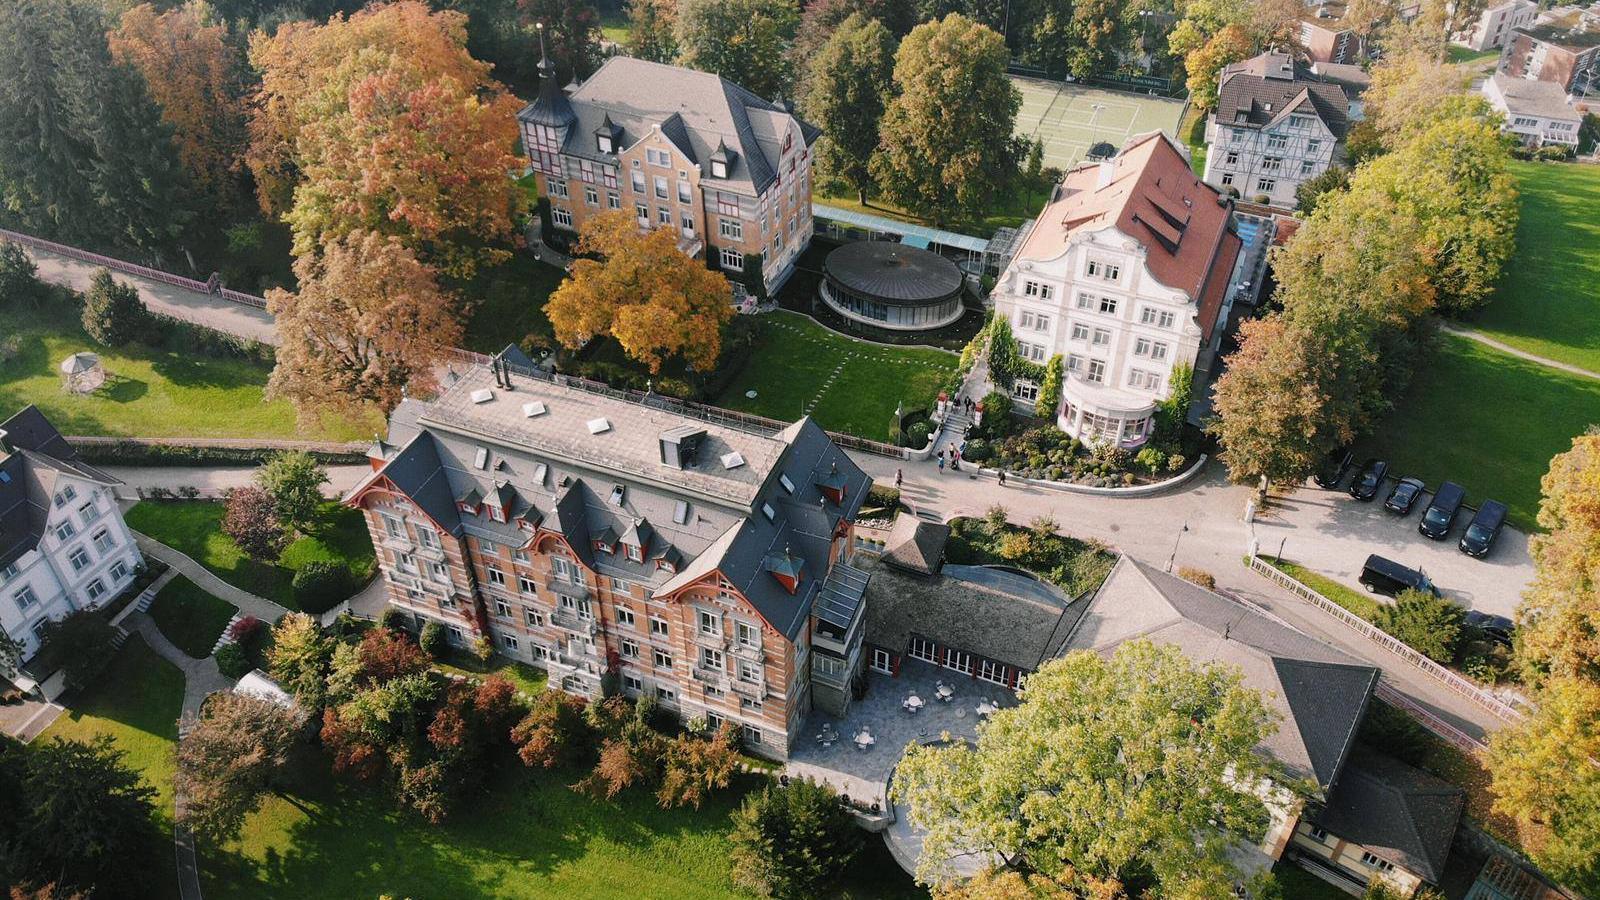 Institut auf dem Rosenberg (St. Gallen) – summer camps